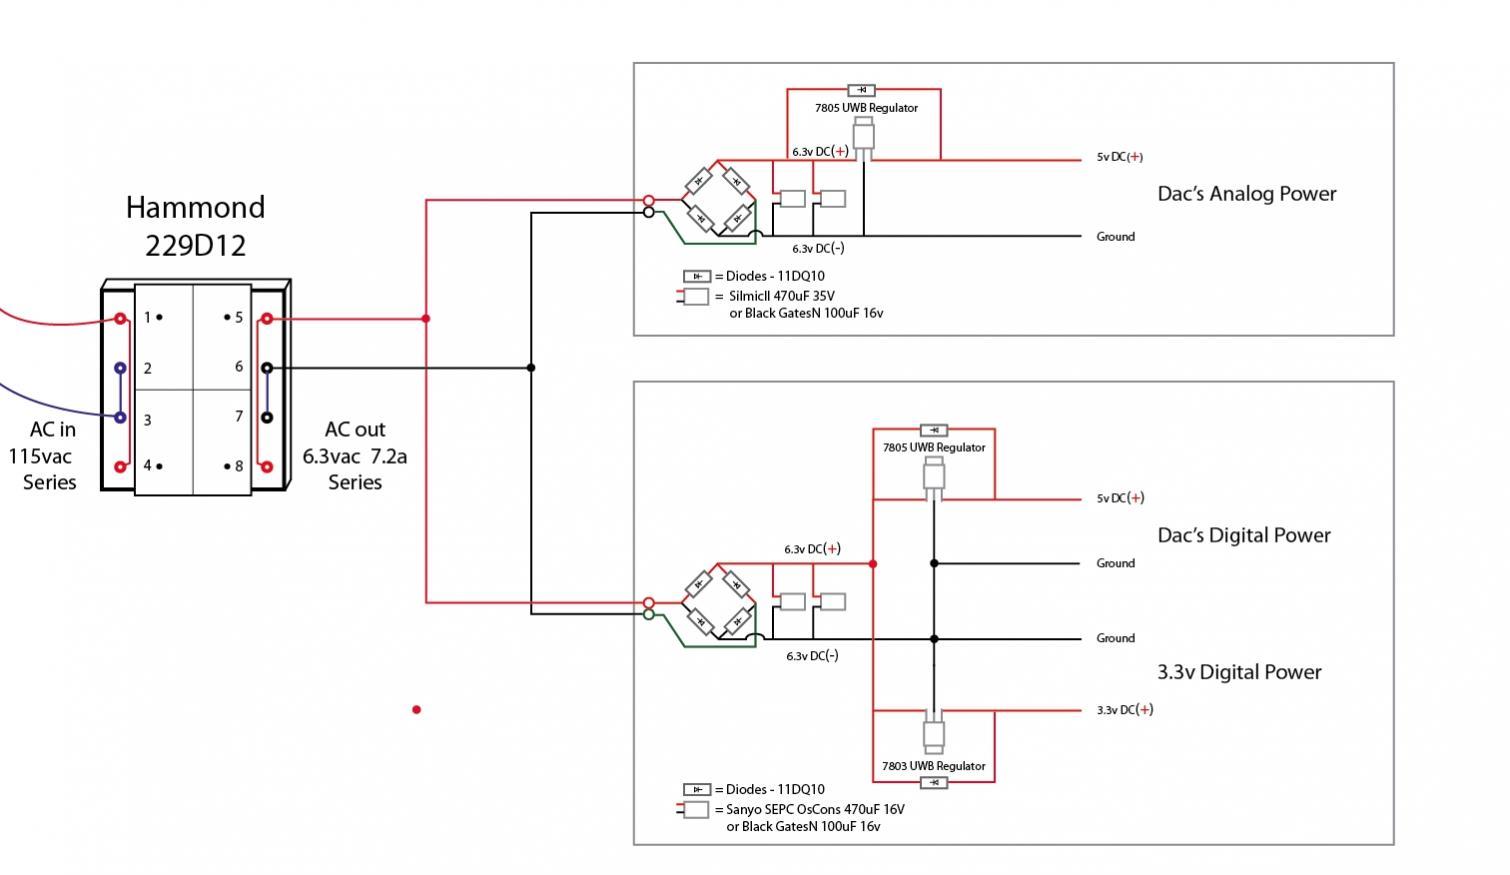 32810?resize\\\\\\\=665%2C385\\\\\\\&ssl\\\\\\\=1 headphone wiring diagram & headphone jack mesmerizing wiring skullcandy wiring diagram at crackthecode.co